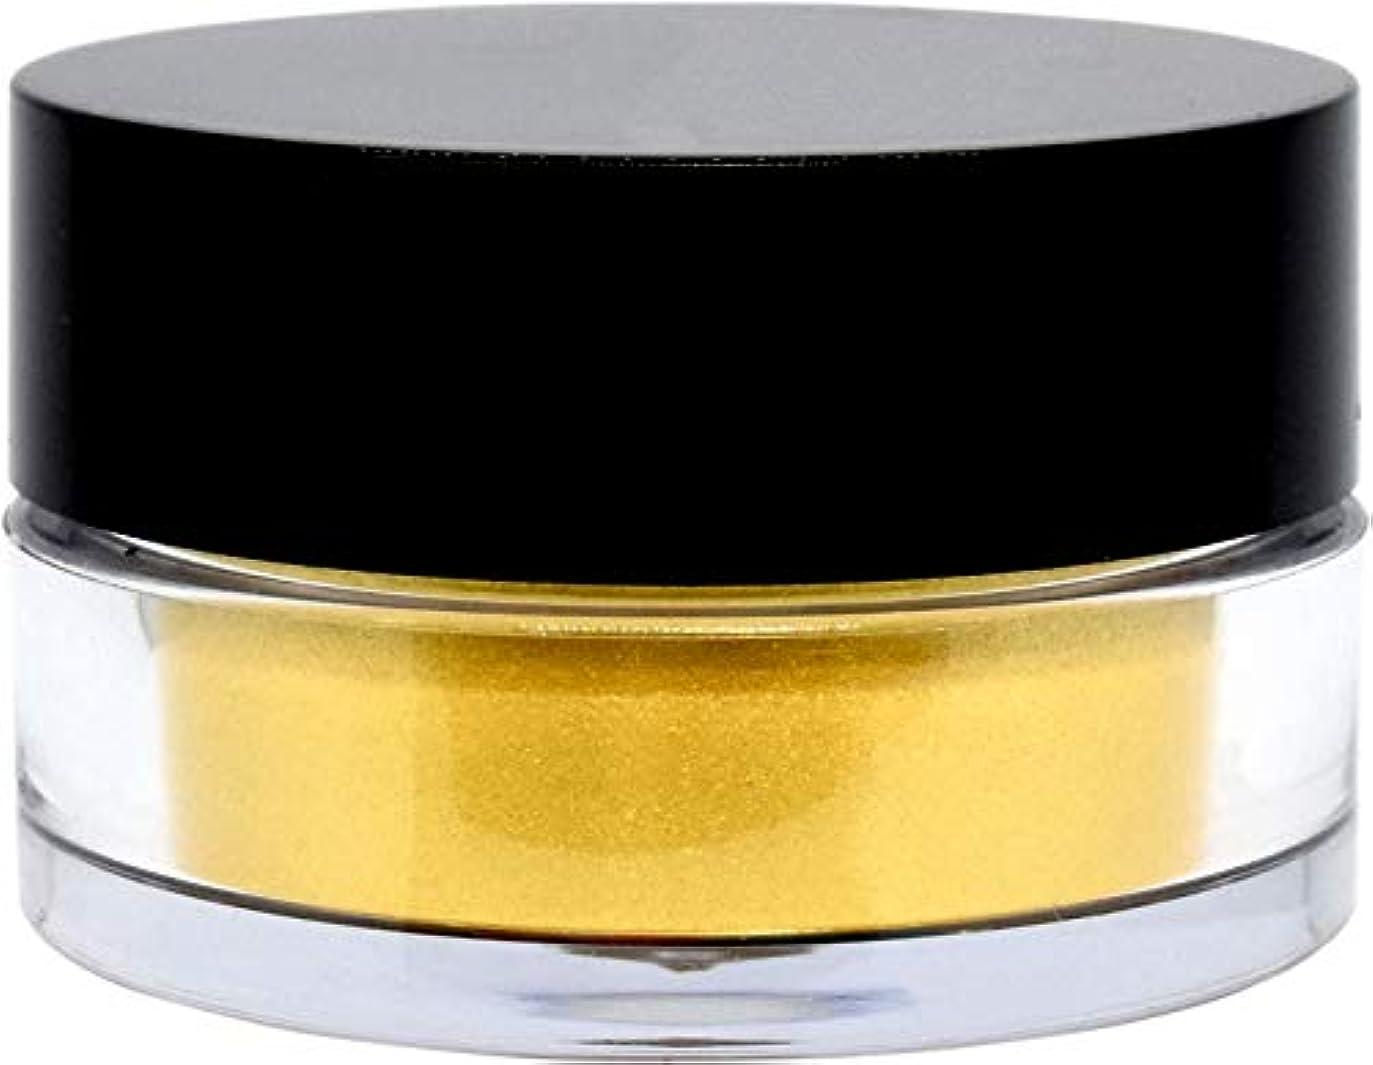 広告する蜂蜂三善 プチカラー 高発色 アイシャドウ パール col:9 イエロー系